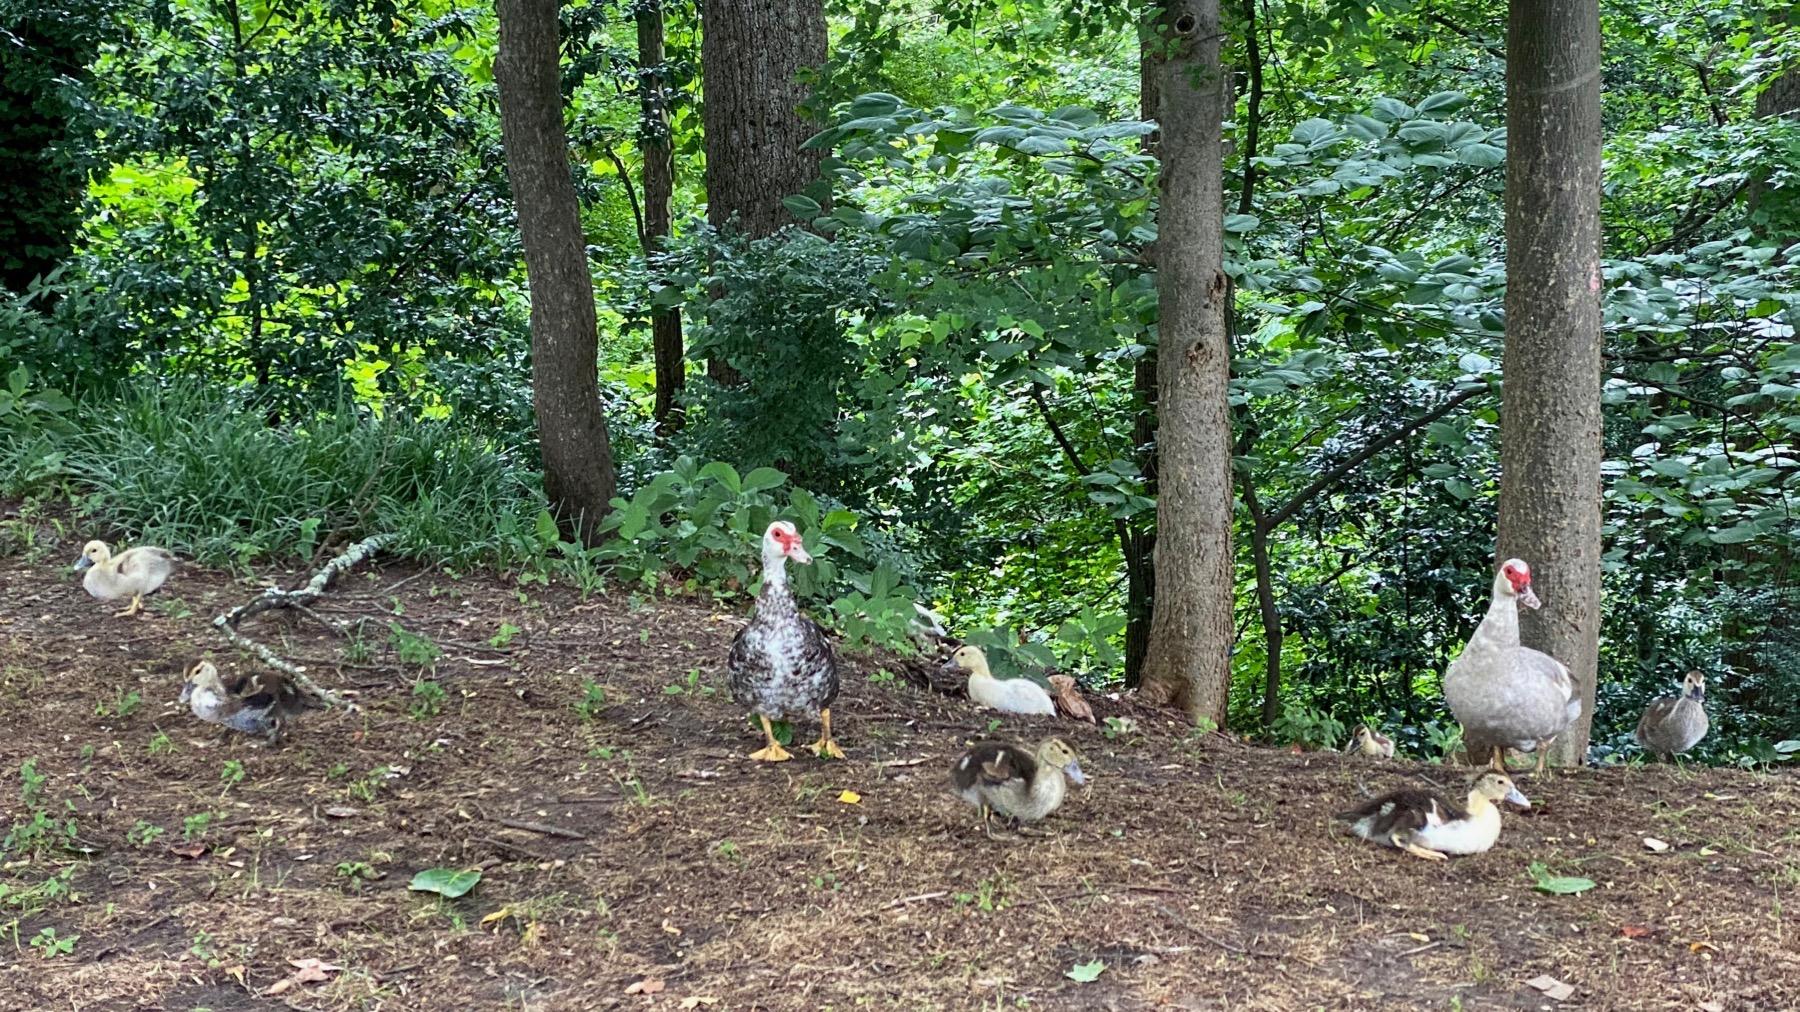 Duck distancing